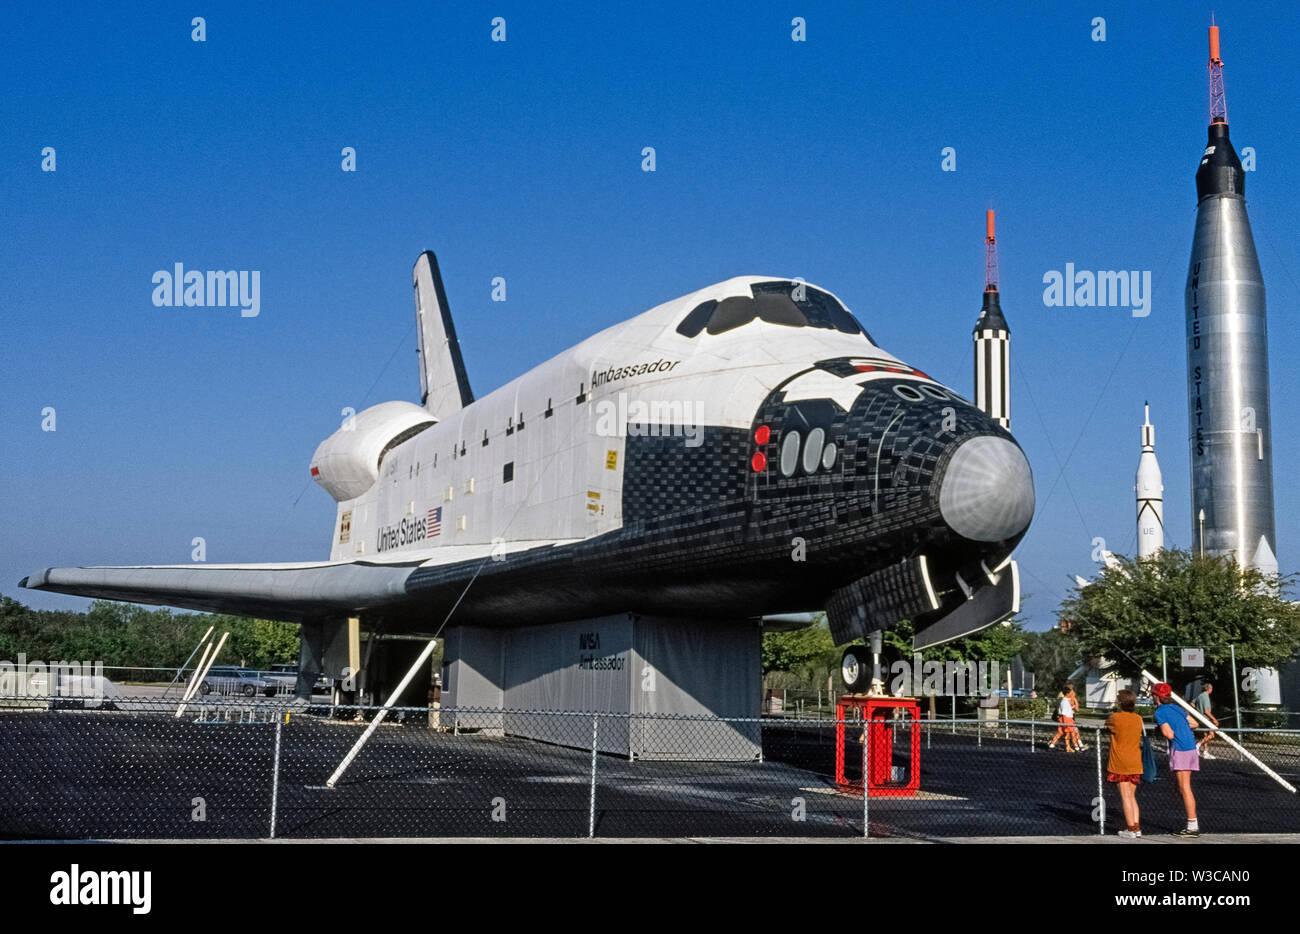 Ein Mock-up eines Space Shuttle Orbiter konzipiert, Astronauten und Fracht von und zur Internationalen Raumstation bringen unseren Planeten kreisen war auf Anzeige im Freien im Kennedy Space Center in Cape Canaveral, Florida, USA, wenn dieses Foto wurde im Jahr 1976 übernommen. Der Botschafter war eine vollständige Nachbau von sechs Rakete - verstärkt Shuttles, die 135 Flüge gemacht, während die von den Vereinigten Staaten Nationale Luft- und Raumfahrtbehörde (NASA betrieben wird) von 1981 bis 2011. Heute ist die letzte der pensionierte Space Shuttles zu fliegen, das Atlantis ist auf Ausstellung am Kennedy Space Center. Stockfoto